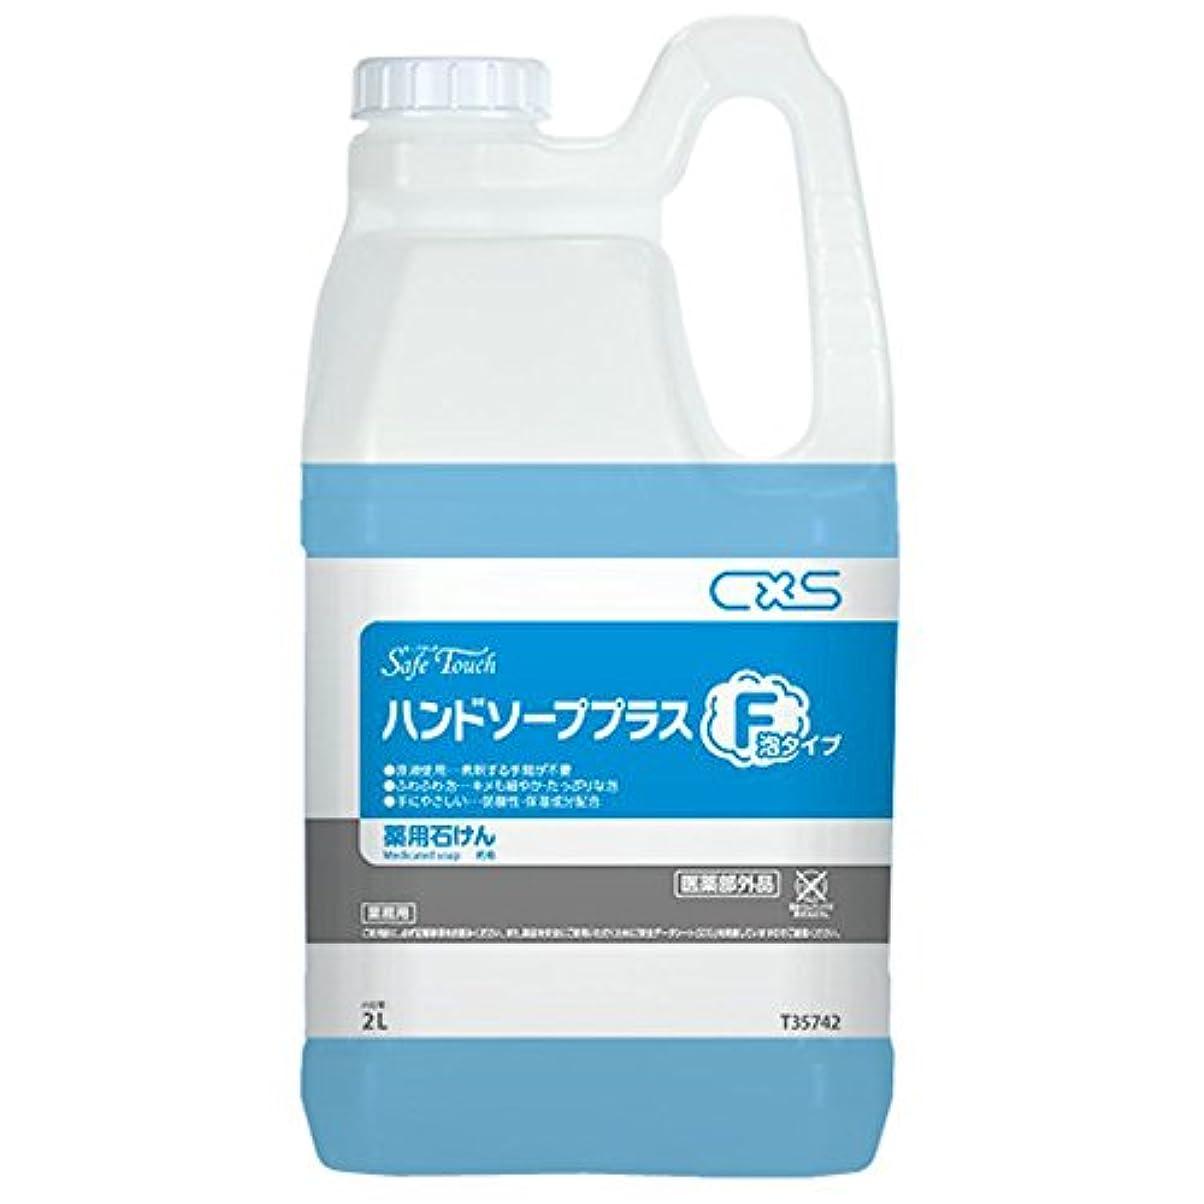 ショートカット分布痛みシーバイエス(C×S) 殺菌?消毒用手洗い石けん セーフタッチハンドソーププラスF 2L